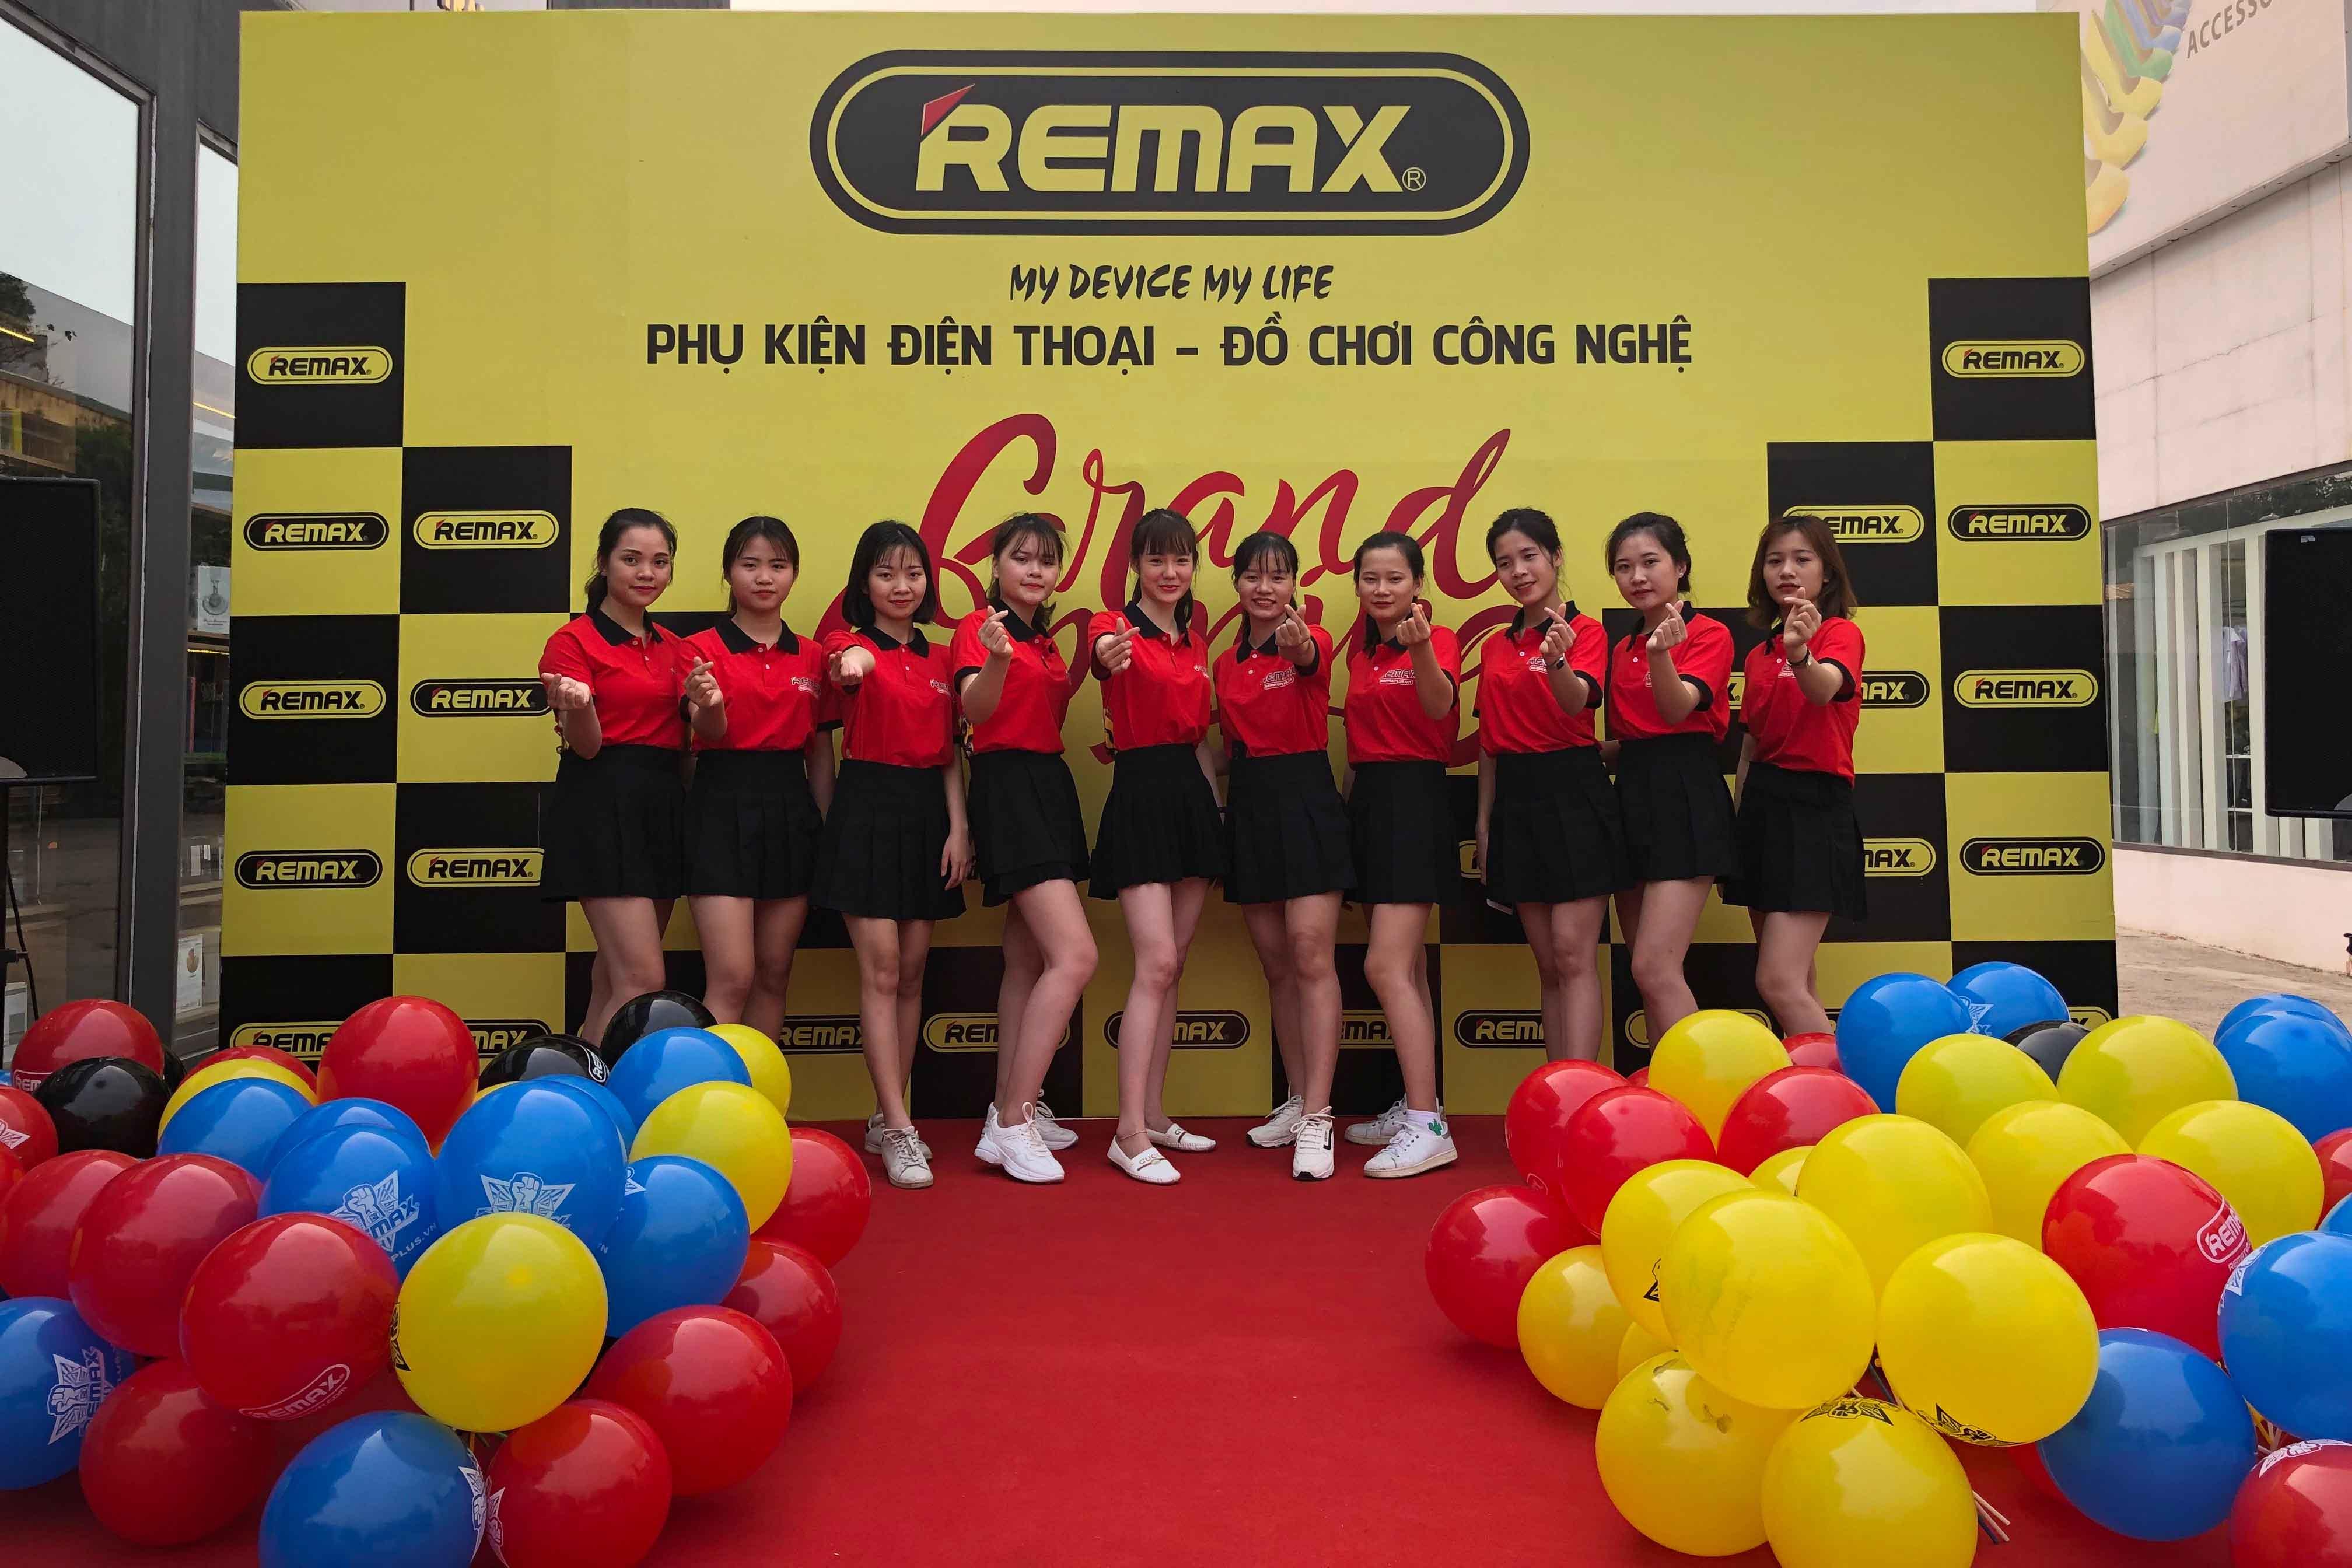 Mừng khai trương Remax Thanh Hóa HL: 0934 544 898